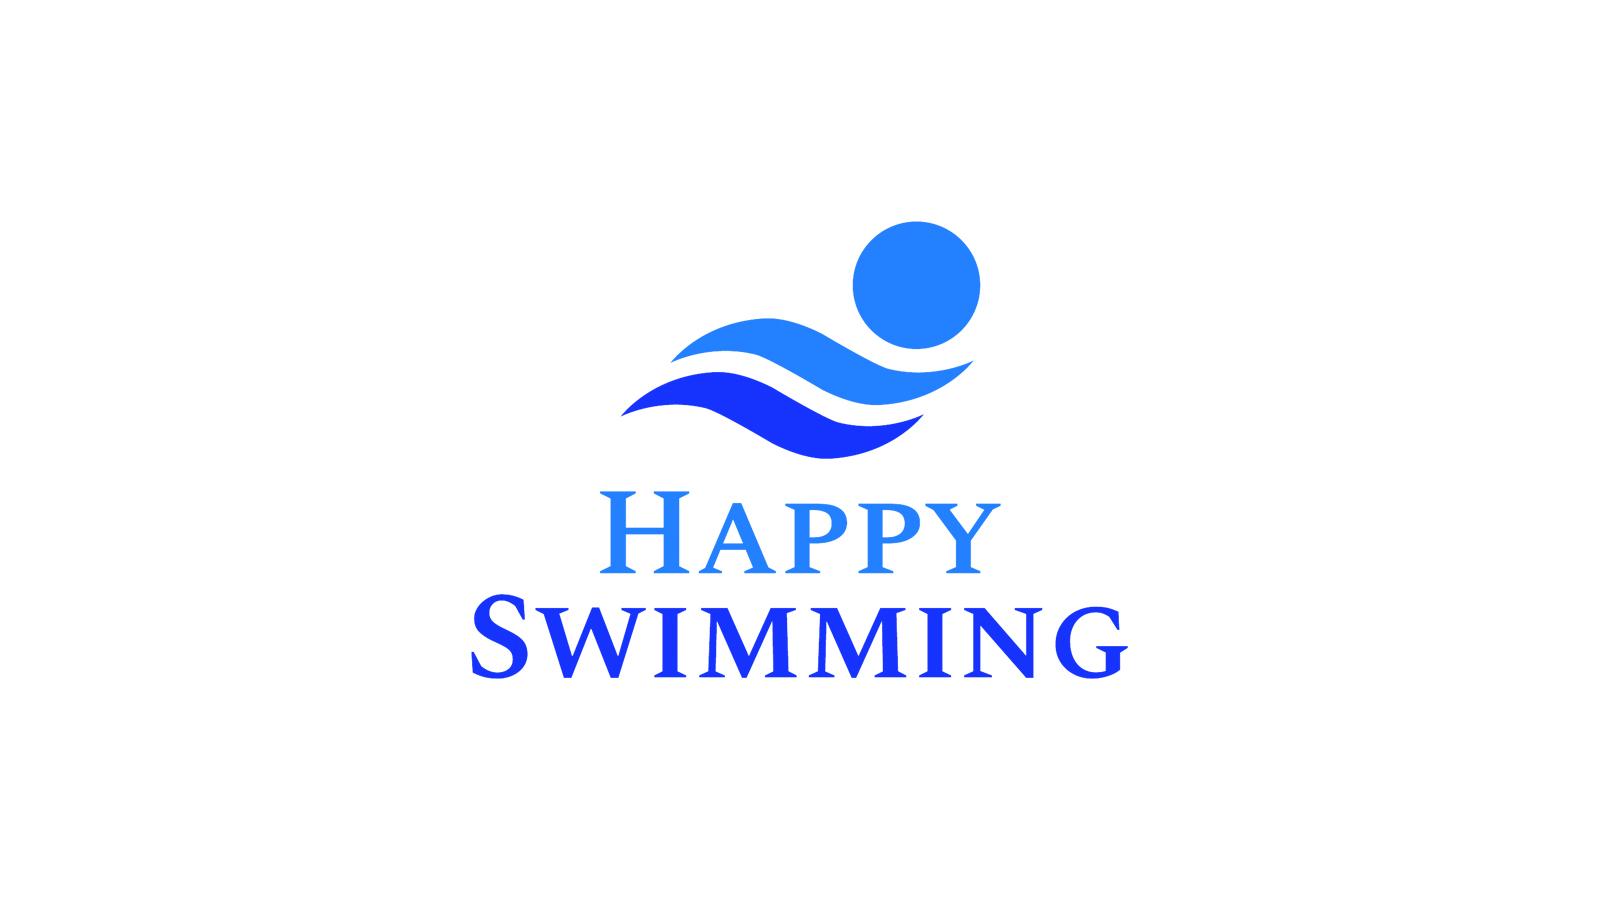 Логотип для  детского бассейна. фото f_0575c759af66135b.jpg